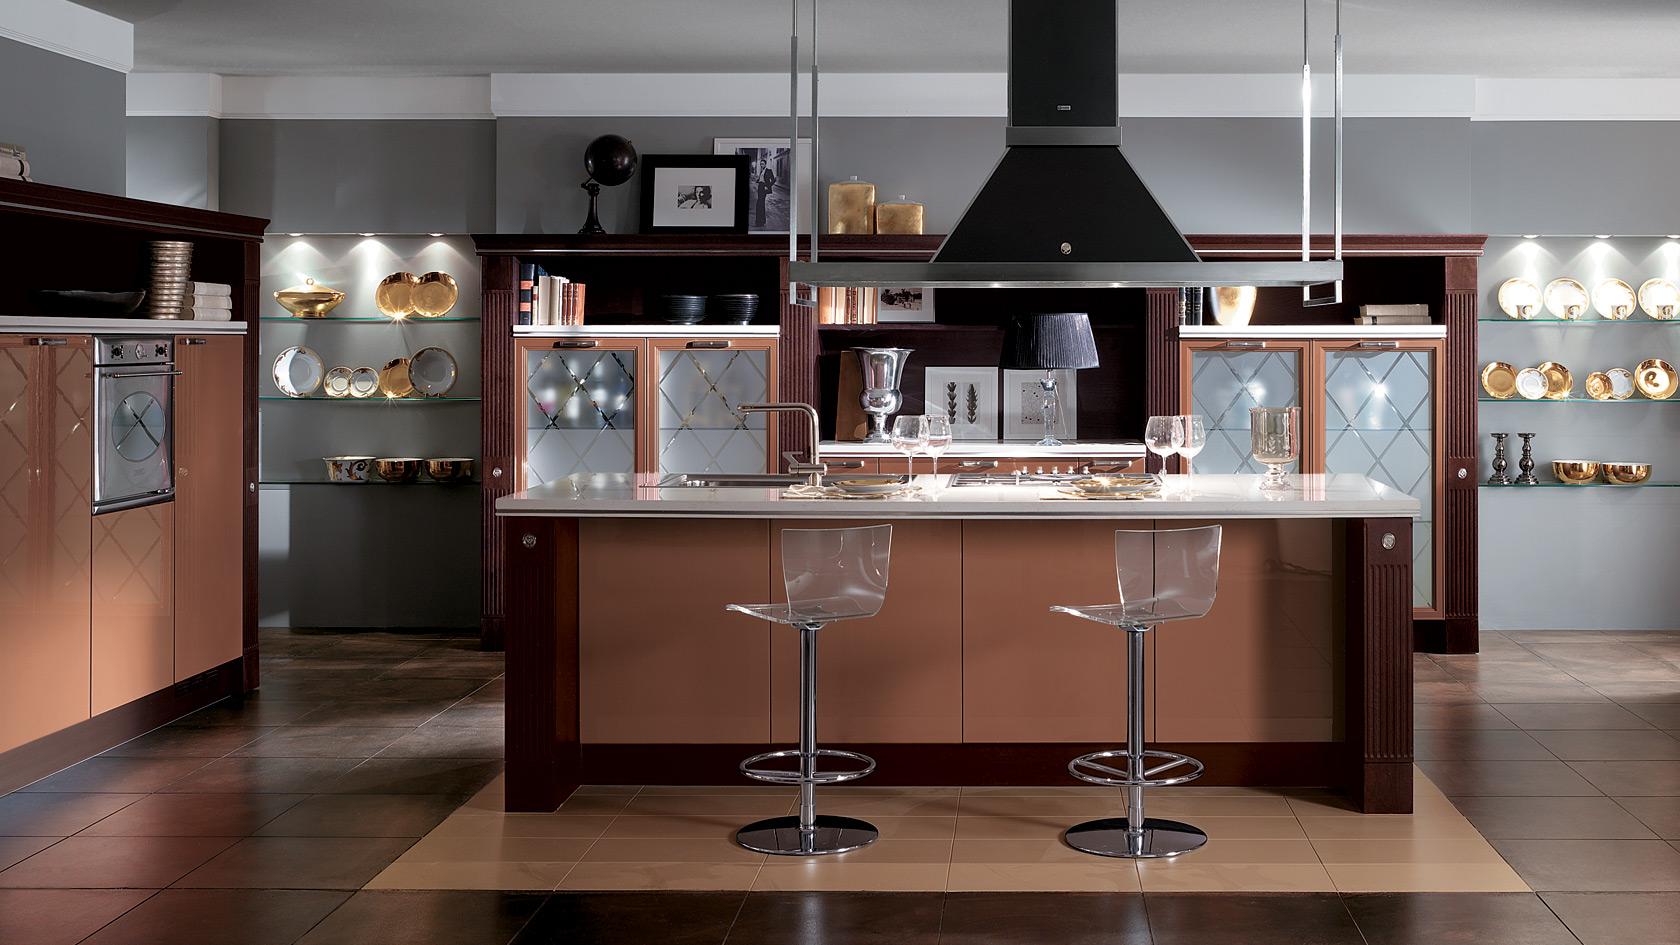 Купить итальянские кухни в москве, кухни с фасадами из массива, фото и дизайн, каталог и цена, стоимость и размер, доставка и заказ, производство итальянских кухонь